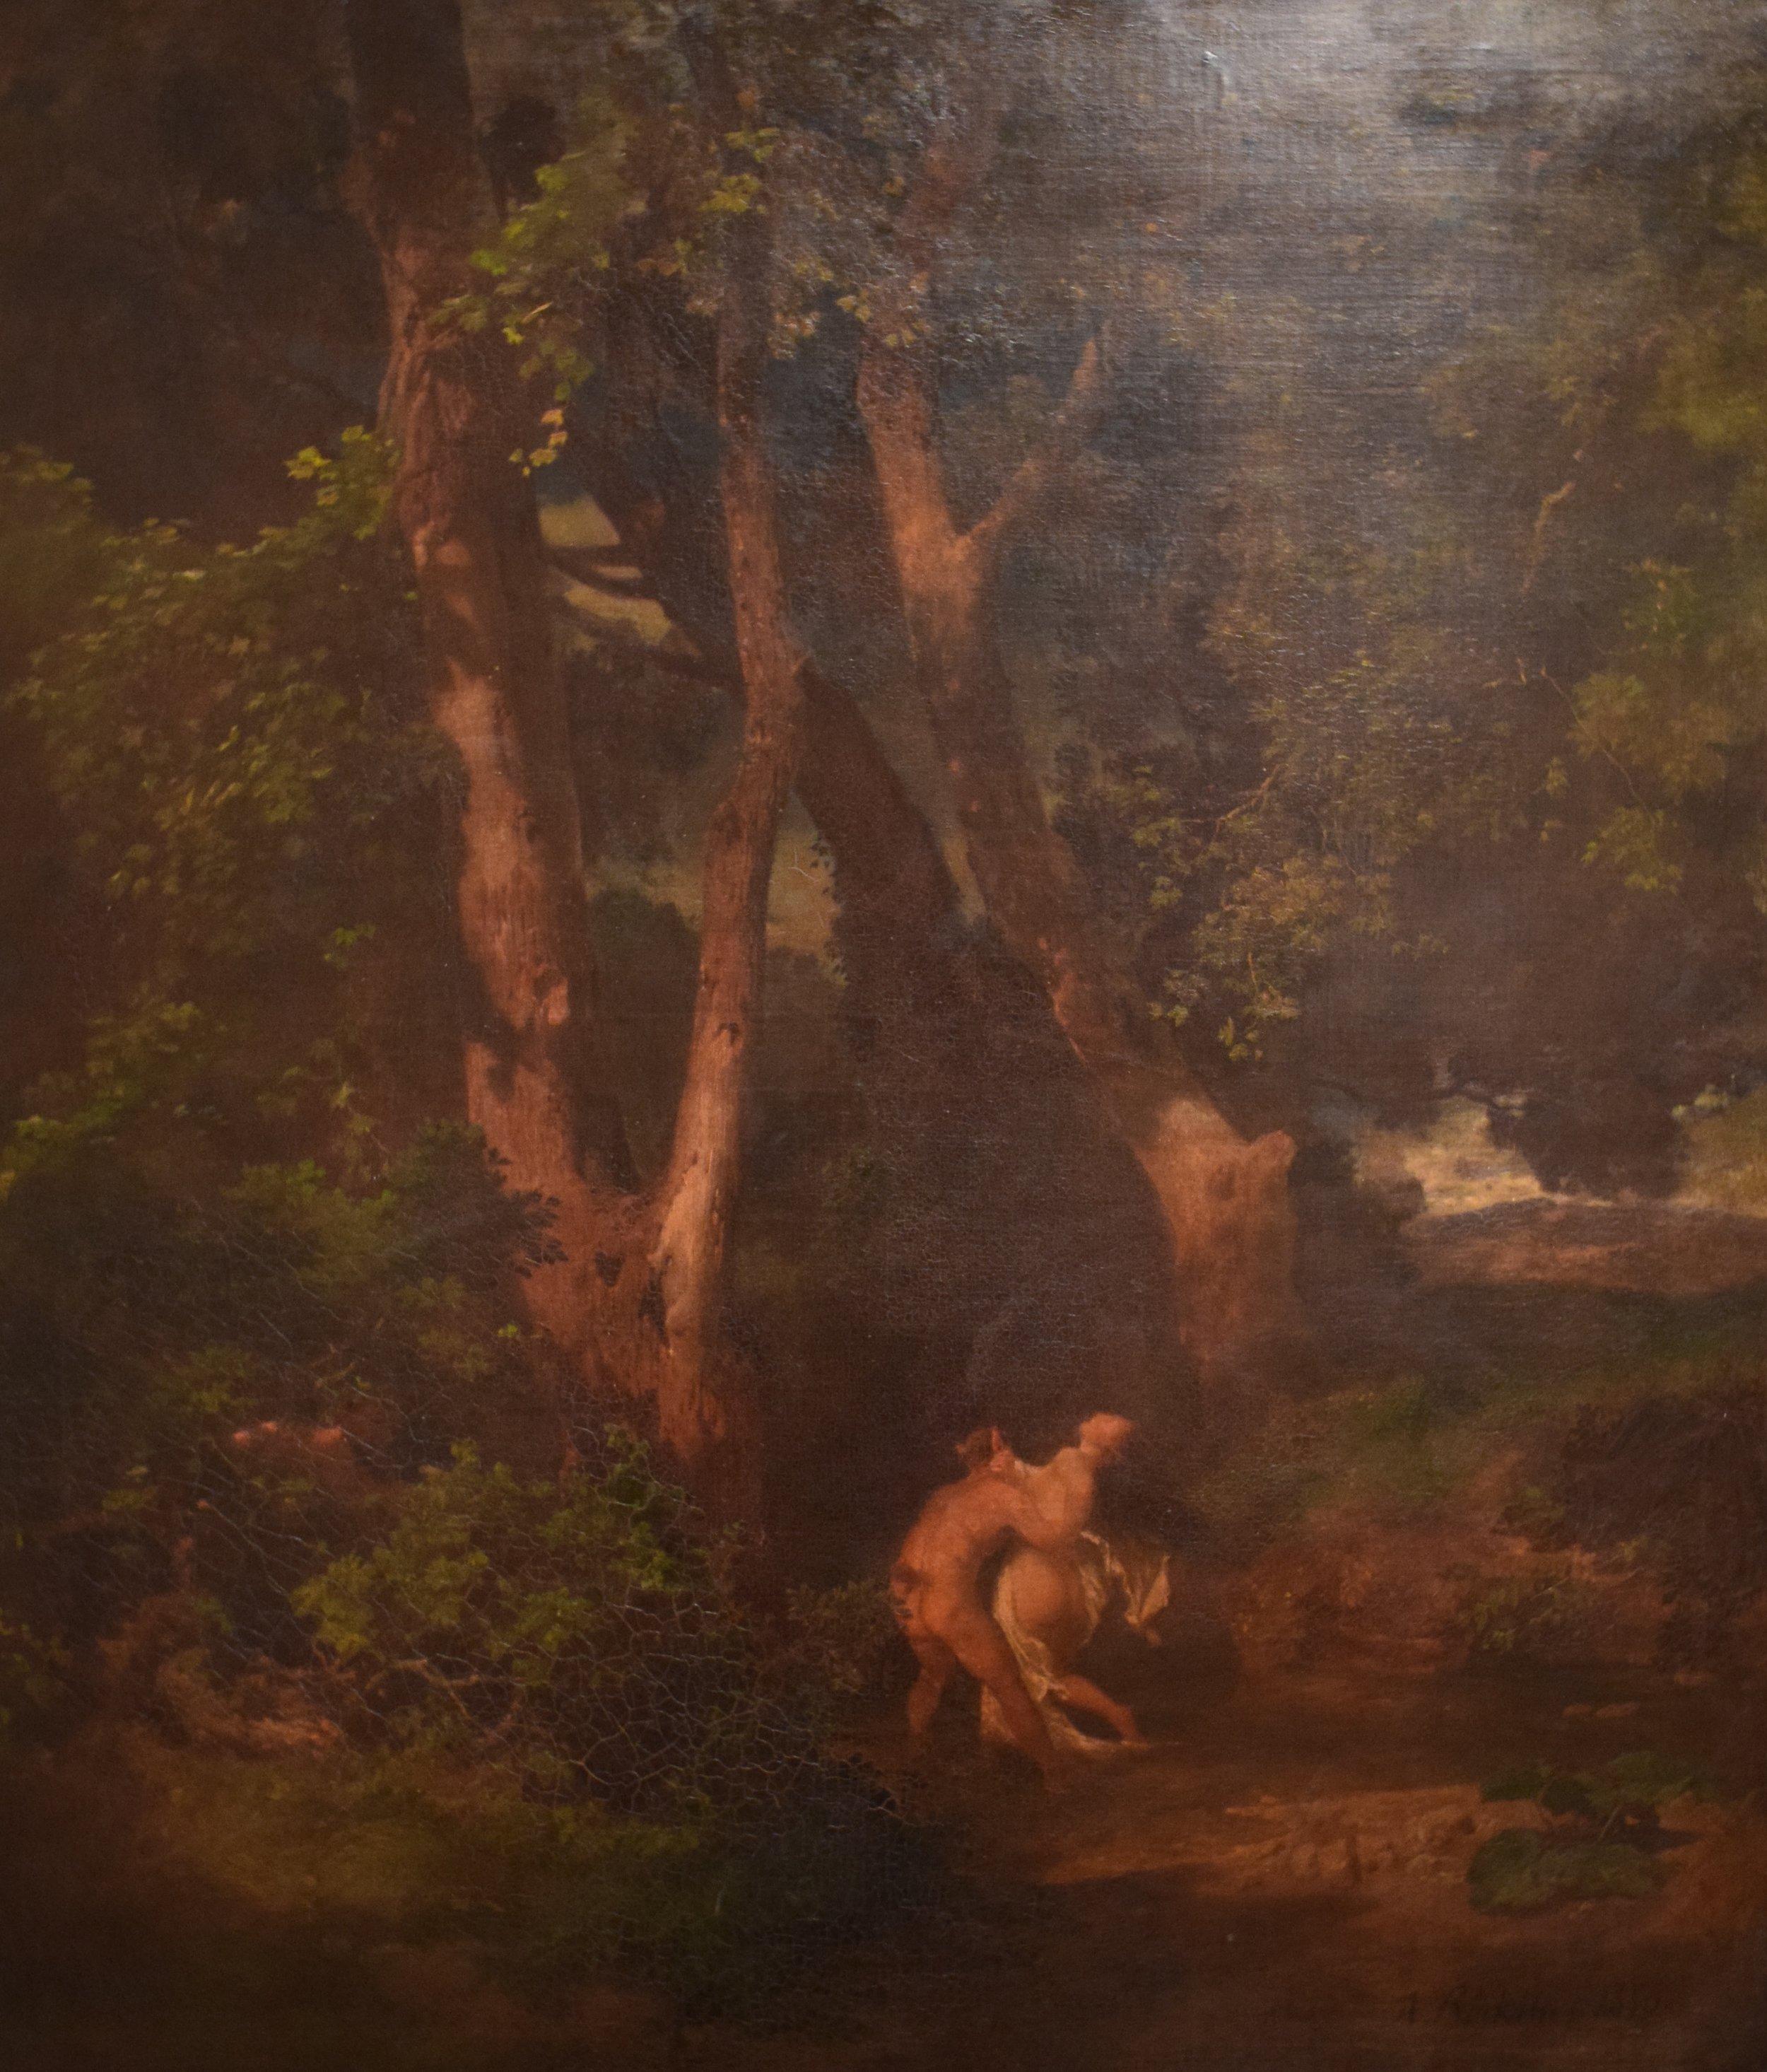 Arnold Böcklin (Swiss), Skoglandskap, faun och nymf (Forest Landscape, Faun och Nymph), 1856